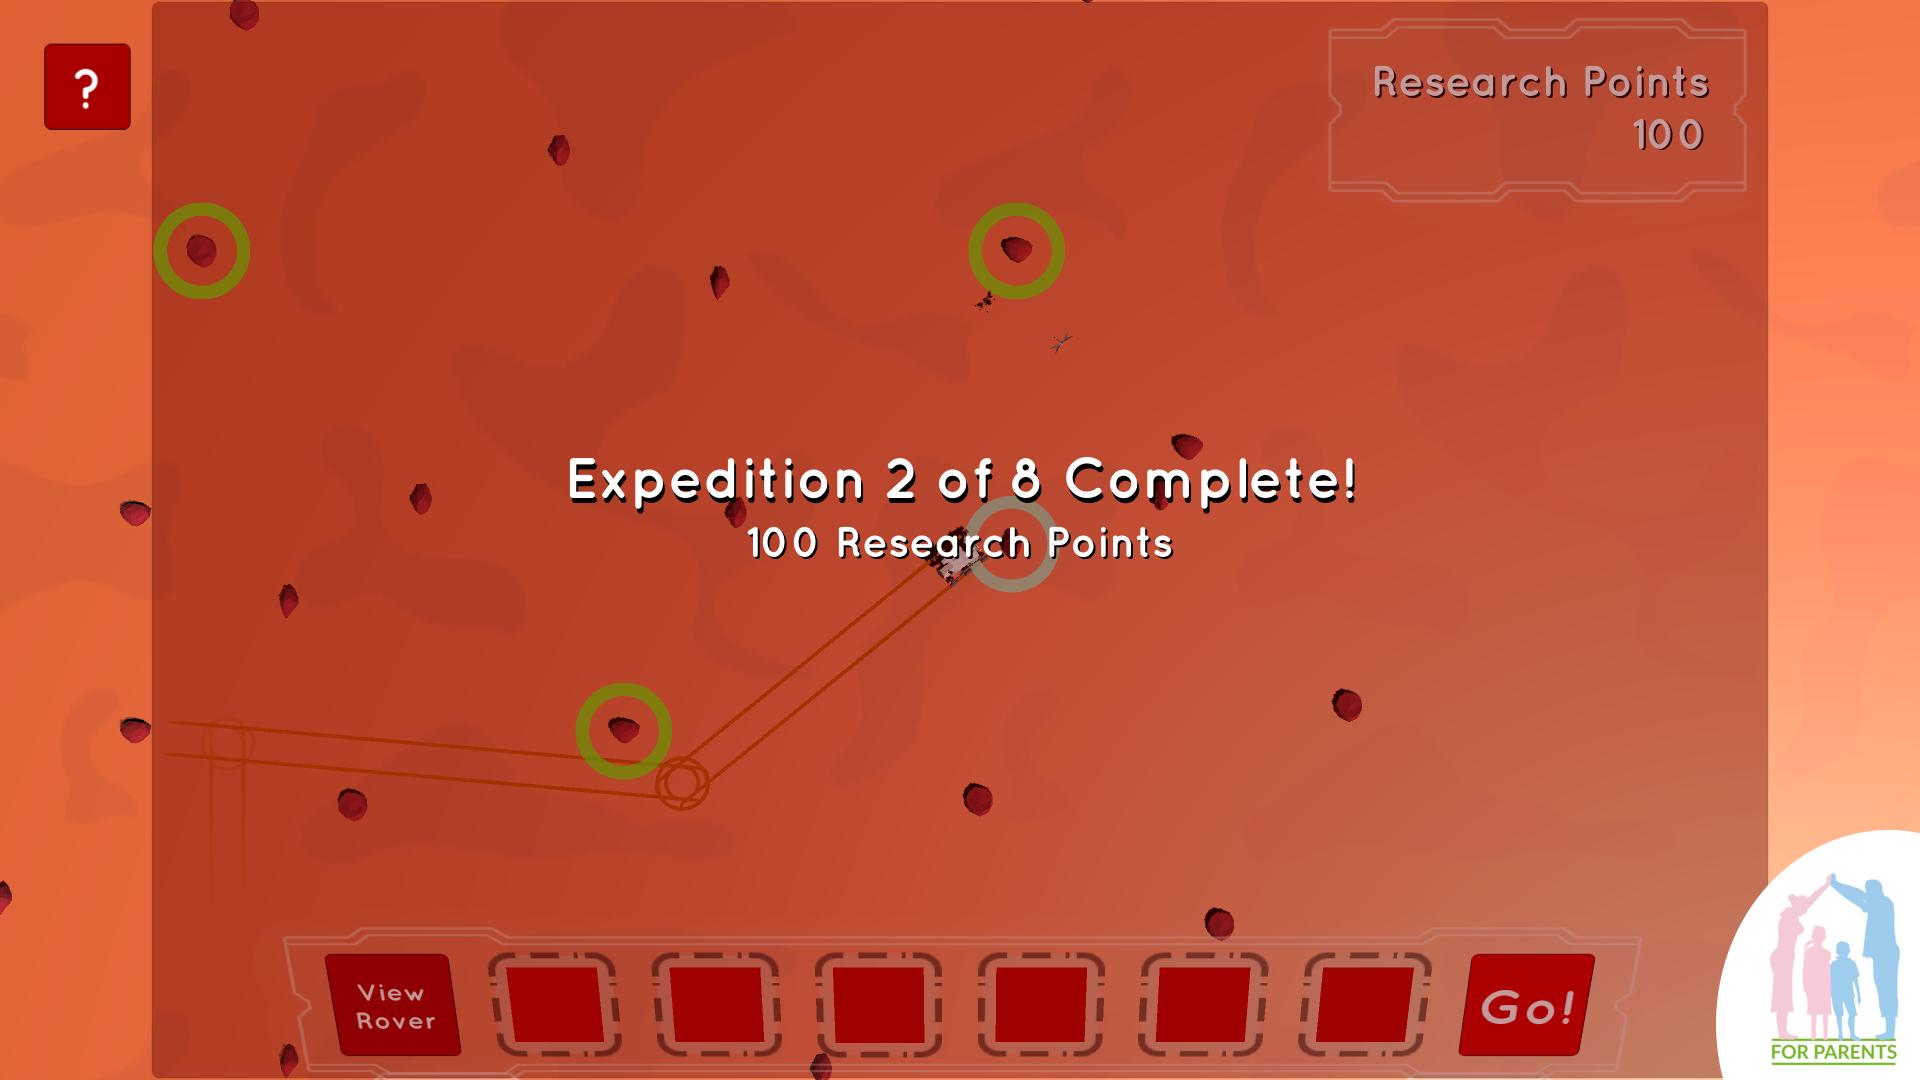 programowanie dla dzieci - łazik marsjański 6 ekran między ekspedycjami